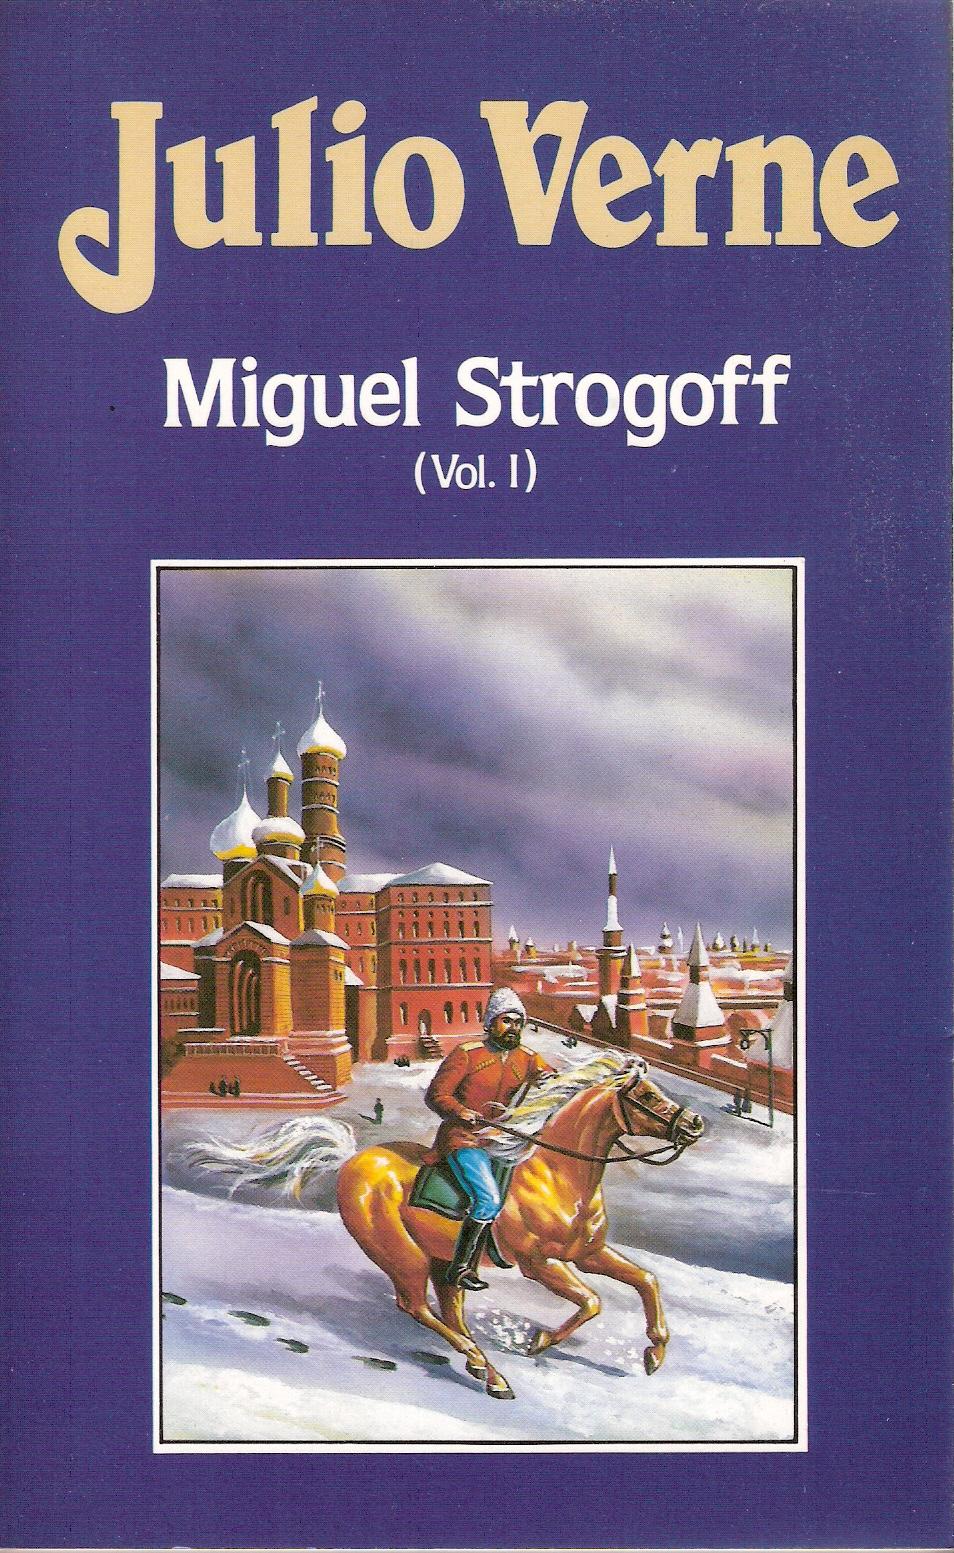 Miguel Strogoff I